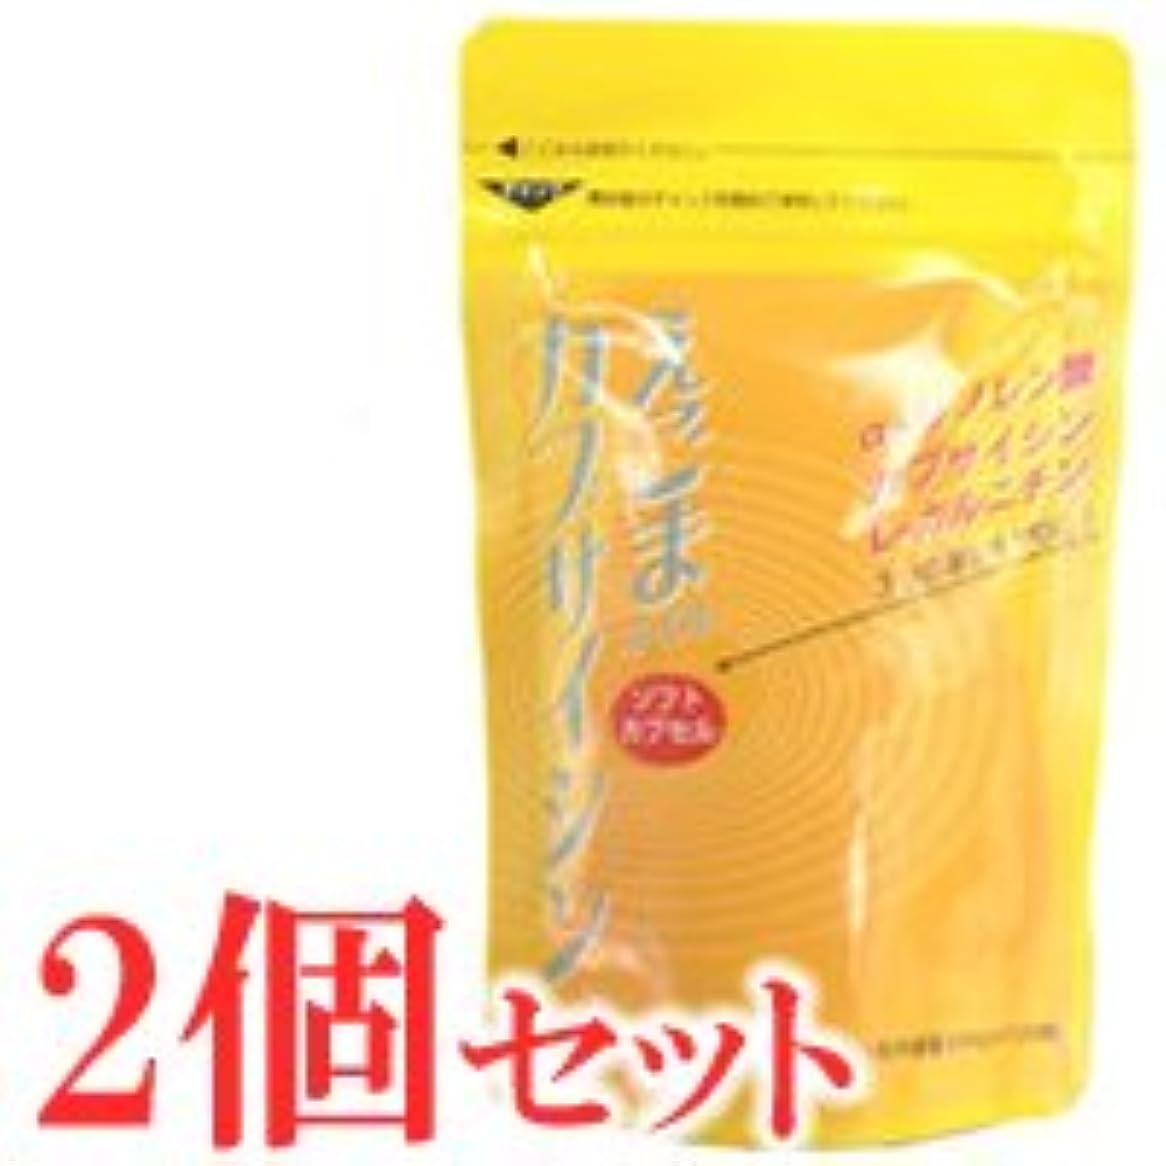 開業医崇拝する神のえごまオイル カプサイシン 120粒×2袋セット(ソフトカプセル)